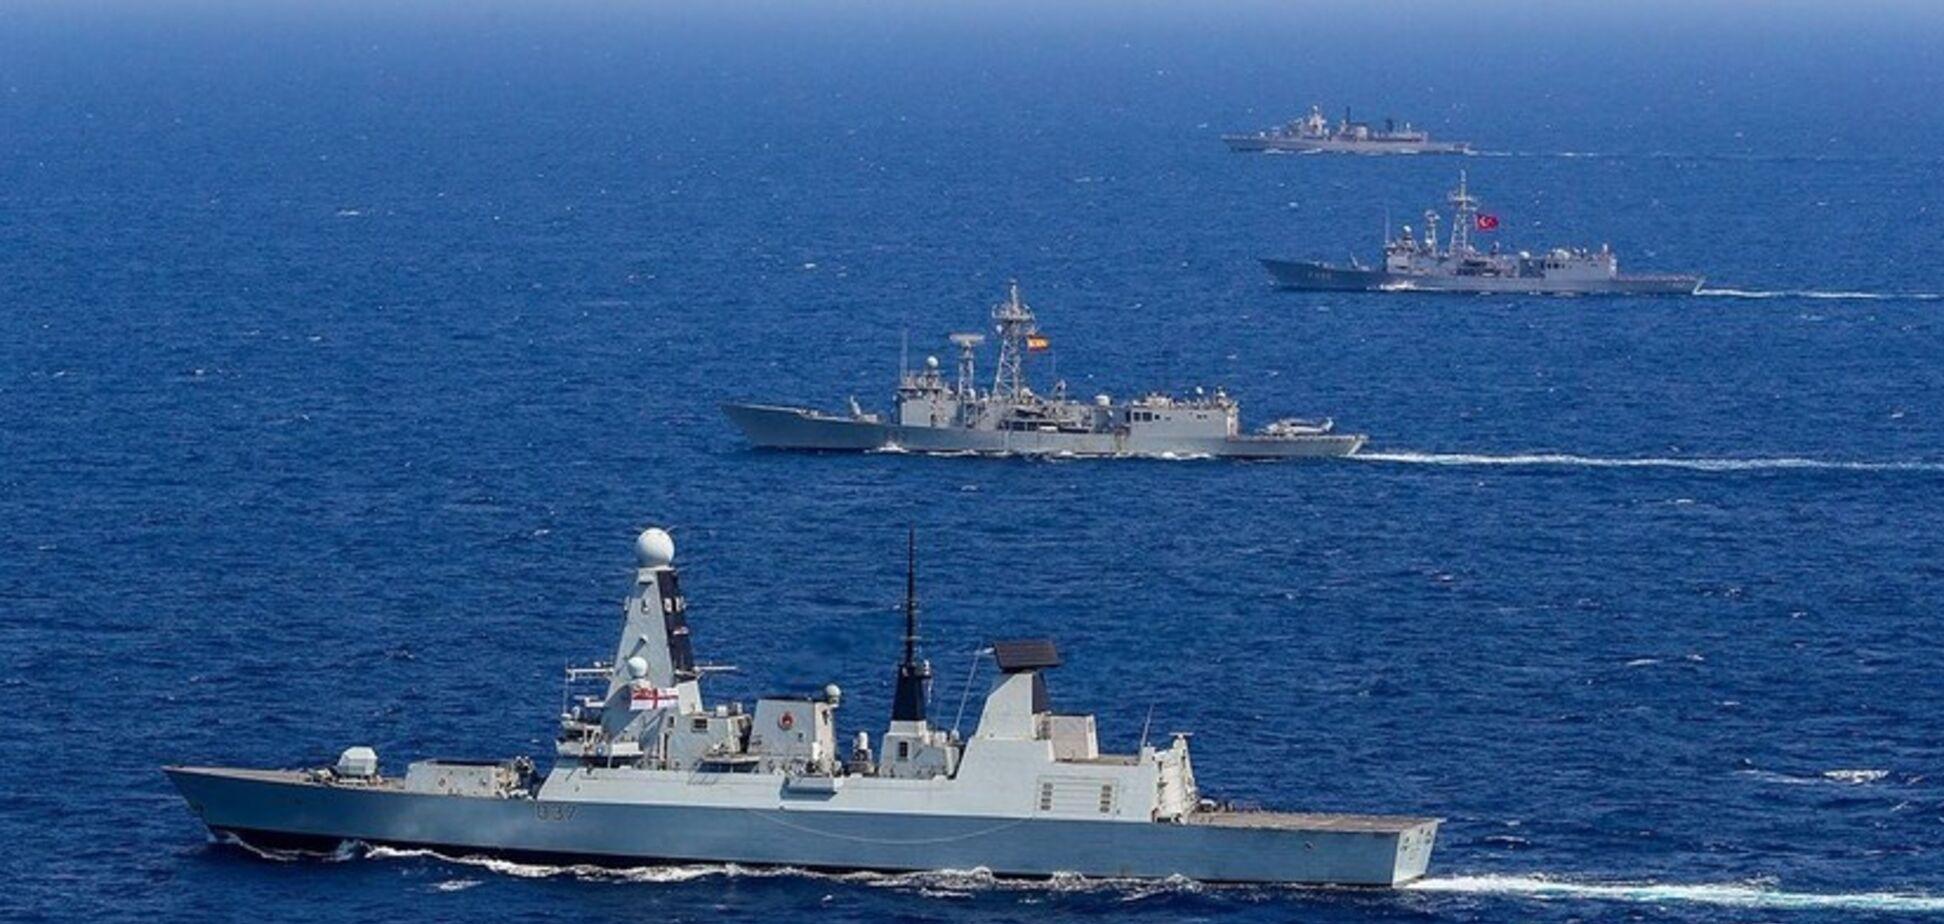 Прижать Россию в море: США и НАТО разработали мощный план подавления